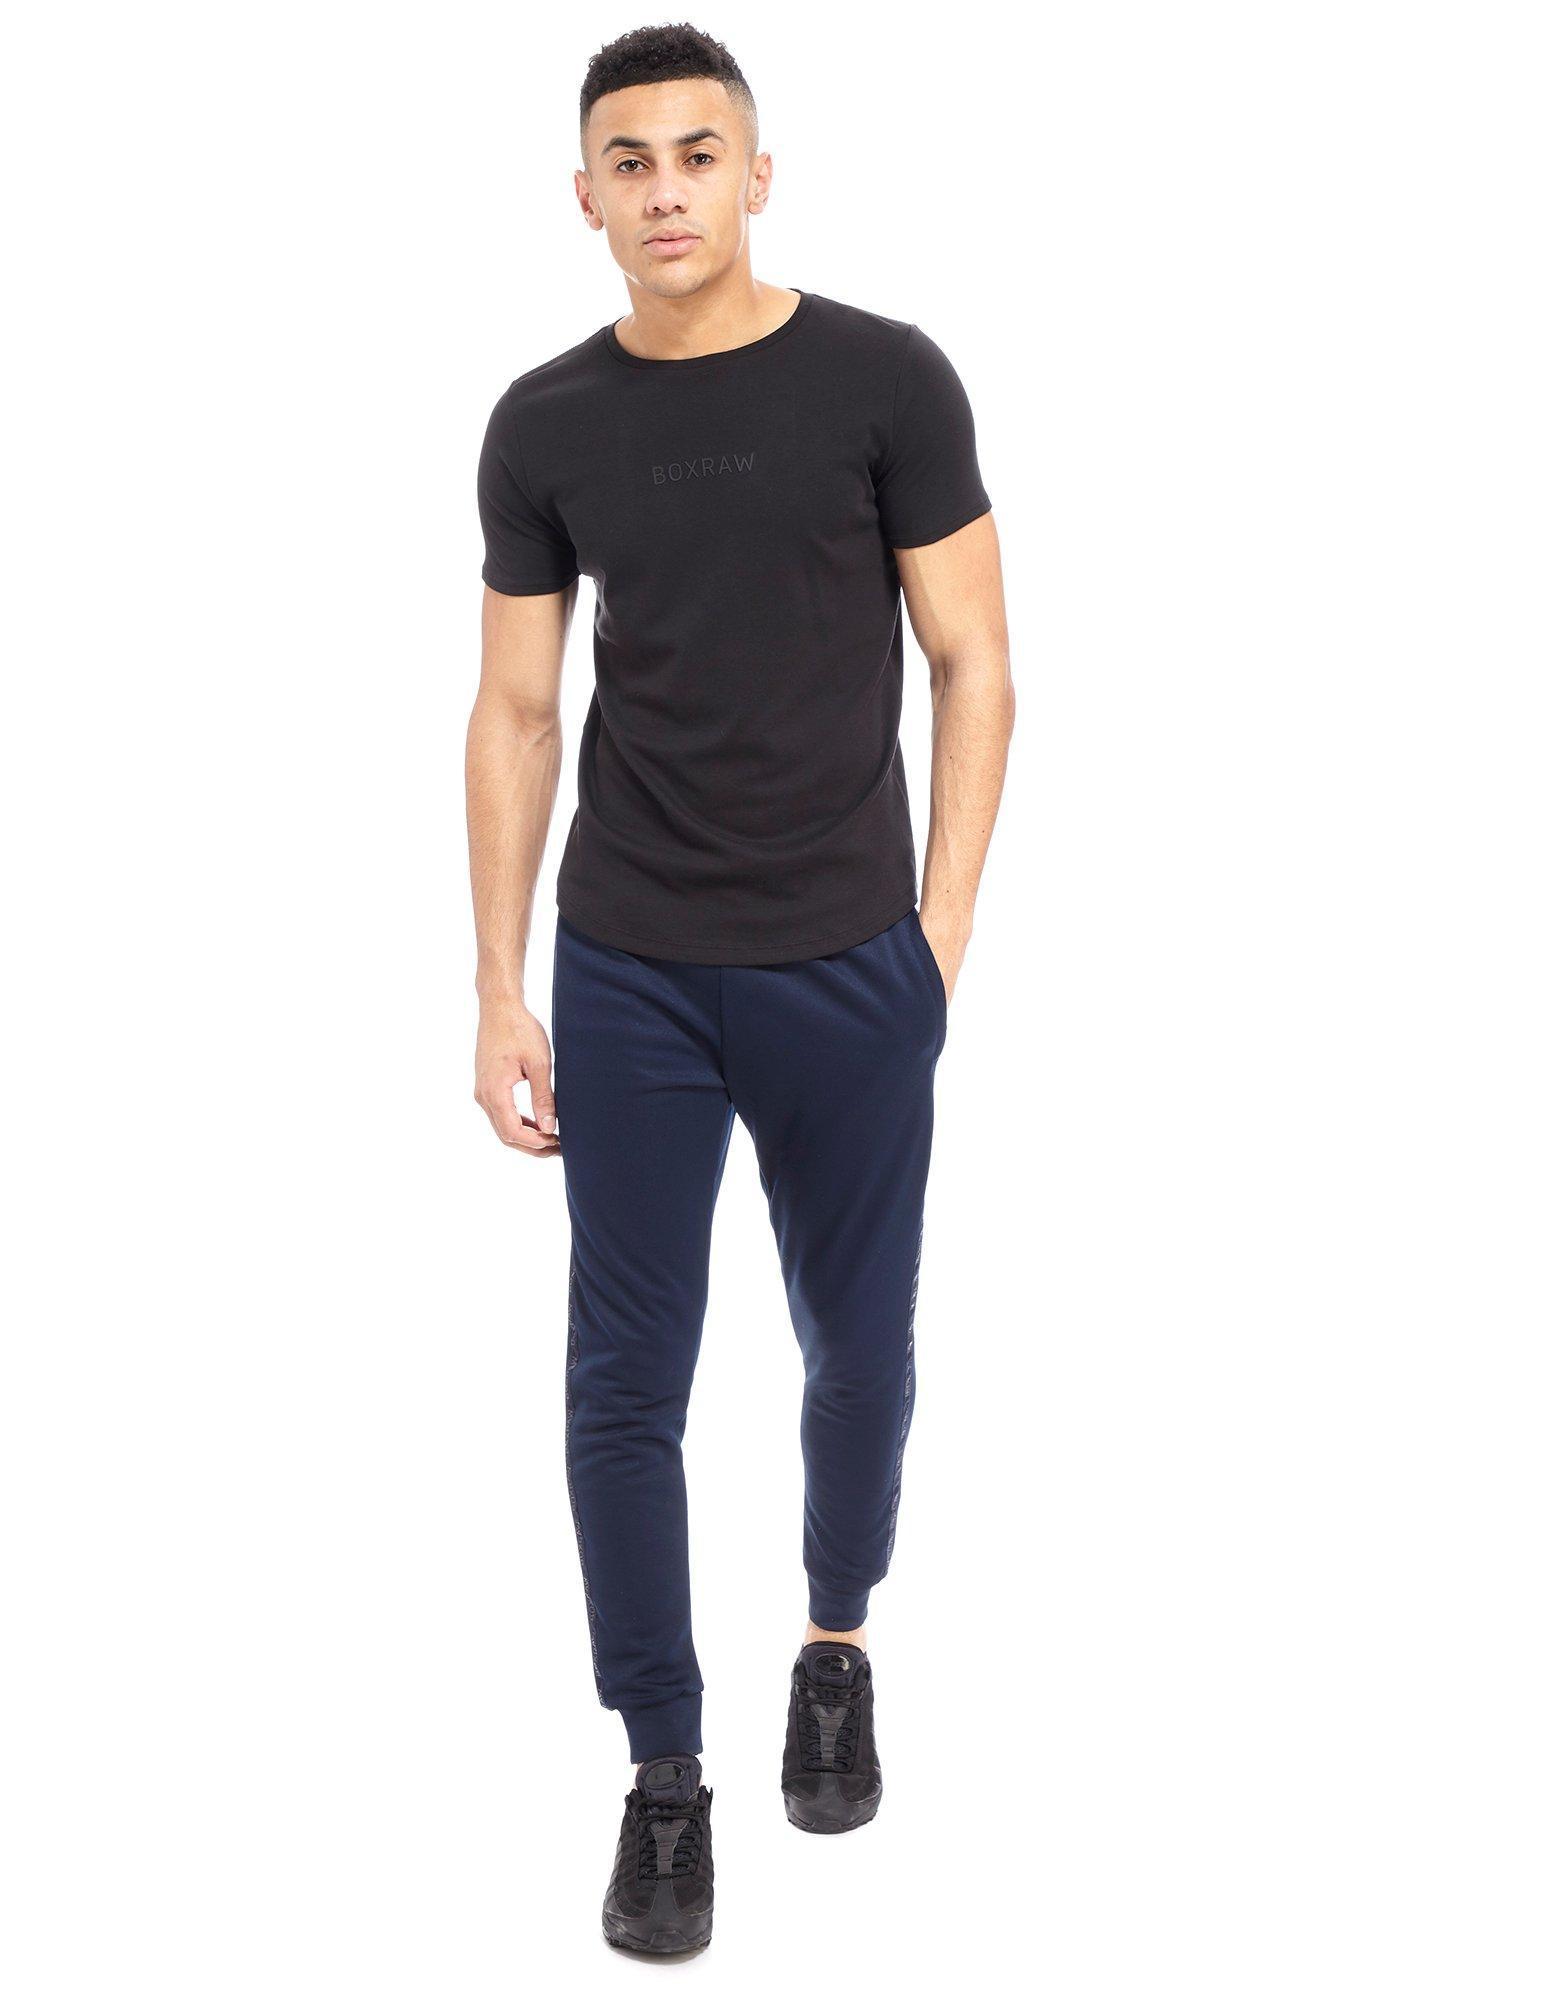 2a1e54f24addc BOXRAW Pima Cotton T-shirt in Black for Men - Lyst